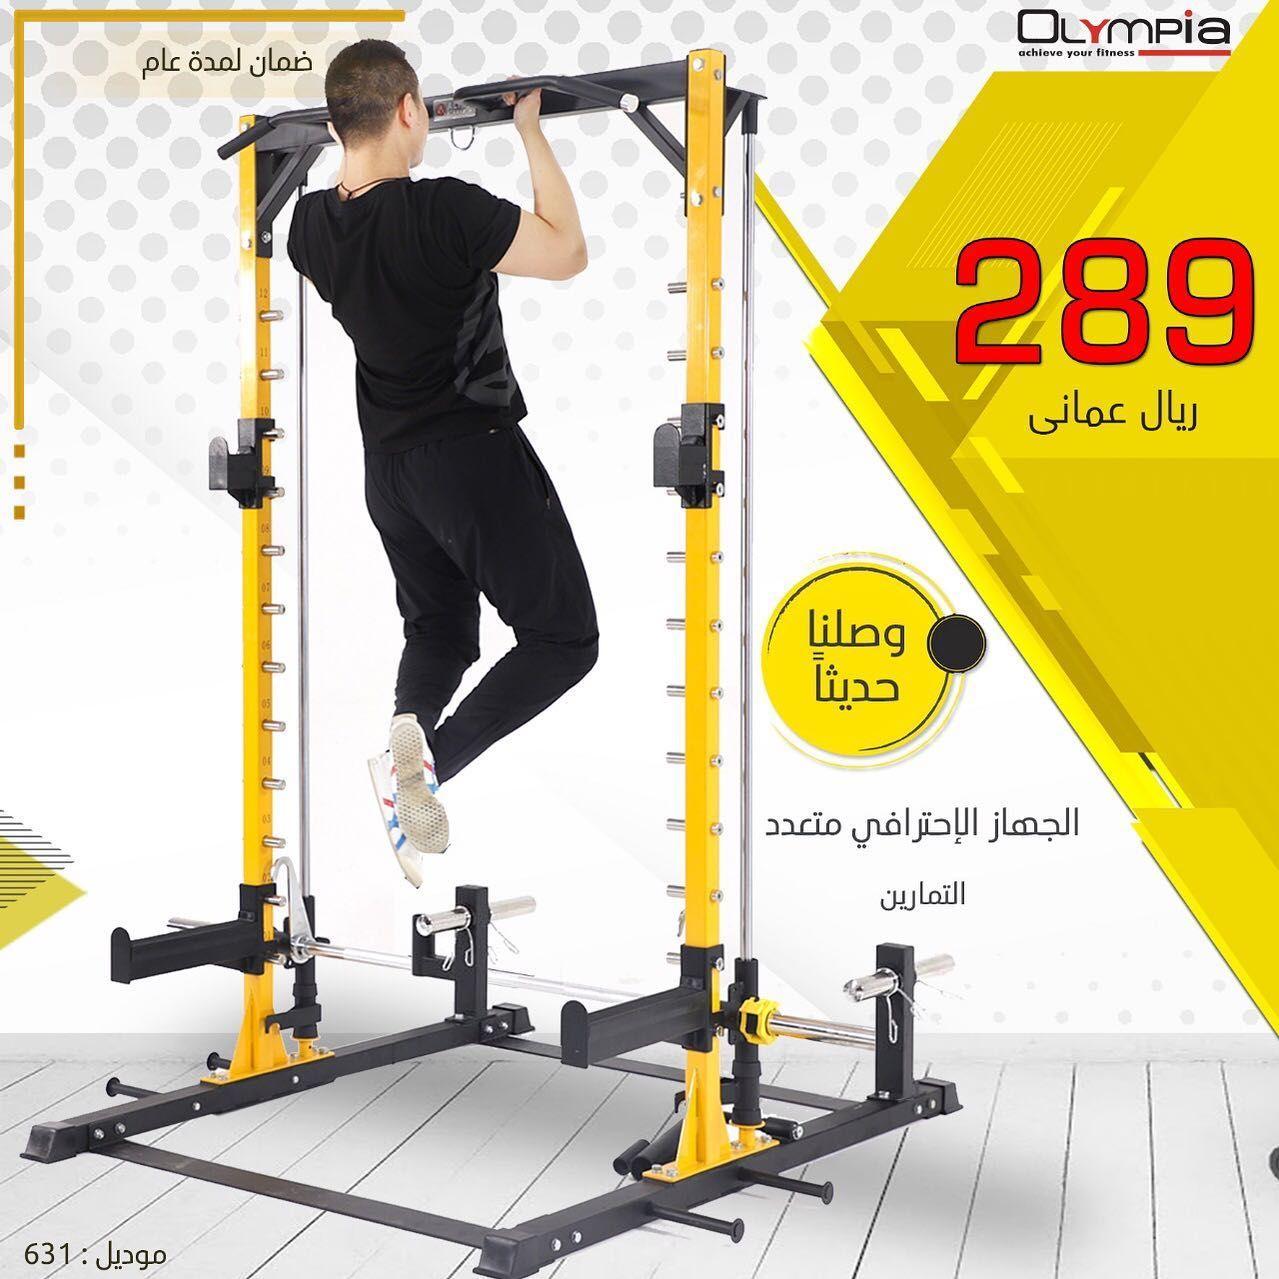 الجهاز الاحترافي متعدد التمارين الجدي كليا من اولمبيا وبقيمة مميزة ٢٨٩ ريال عماني للحجز عبر الهاتف أو الواتساب Fitness Olympia Gym